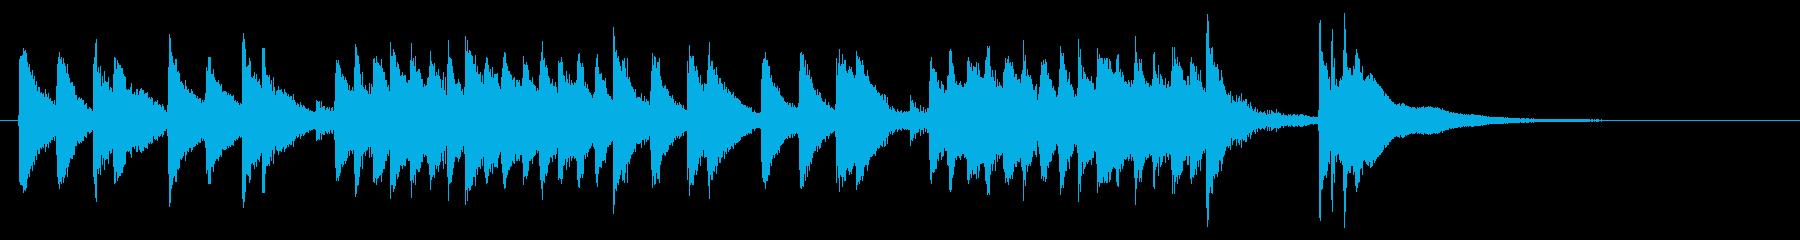 三味線による和風ジングル 12秒の再生済みの波形